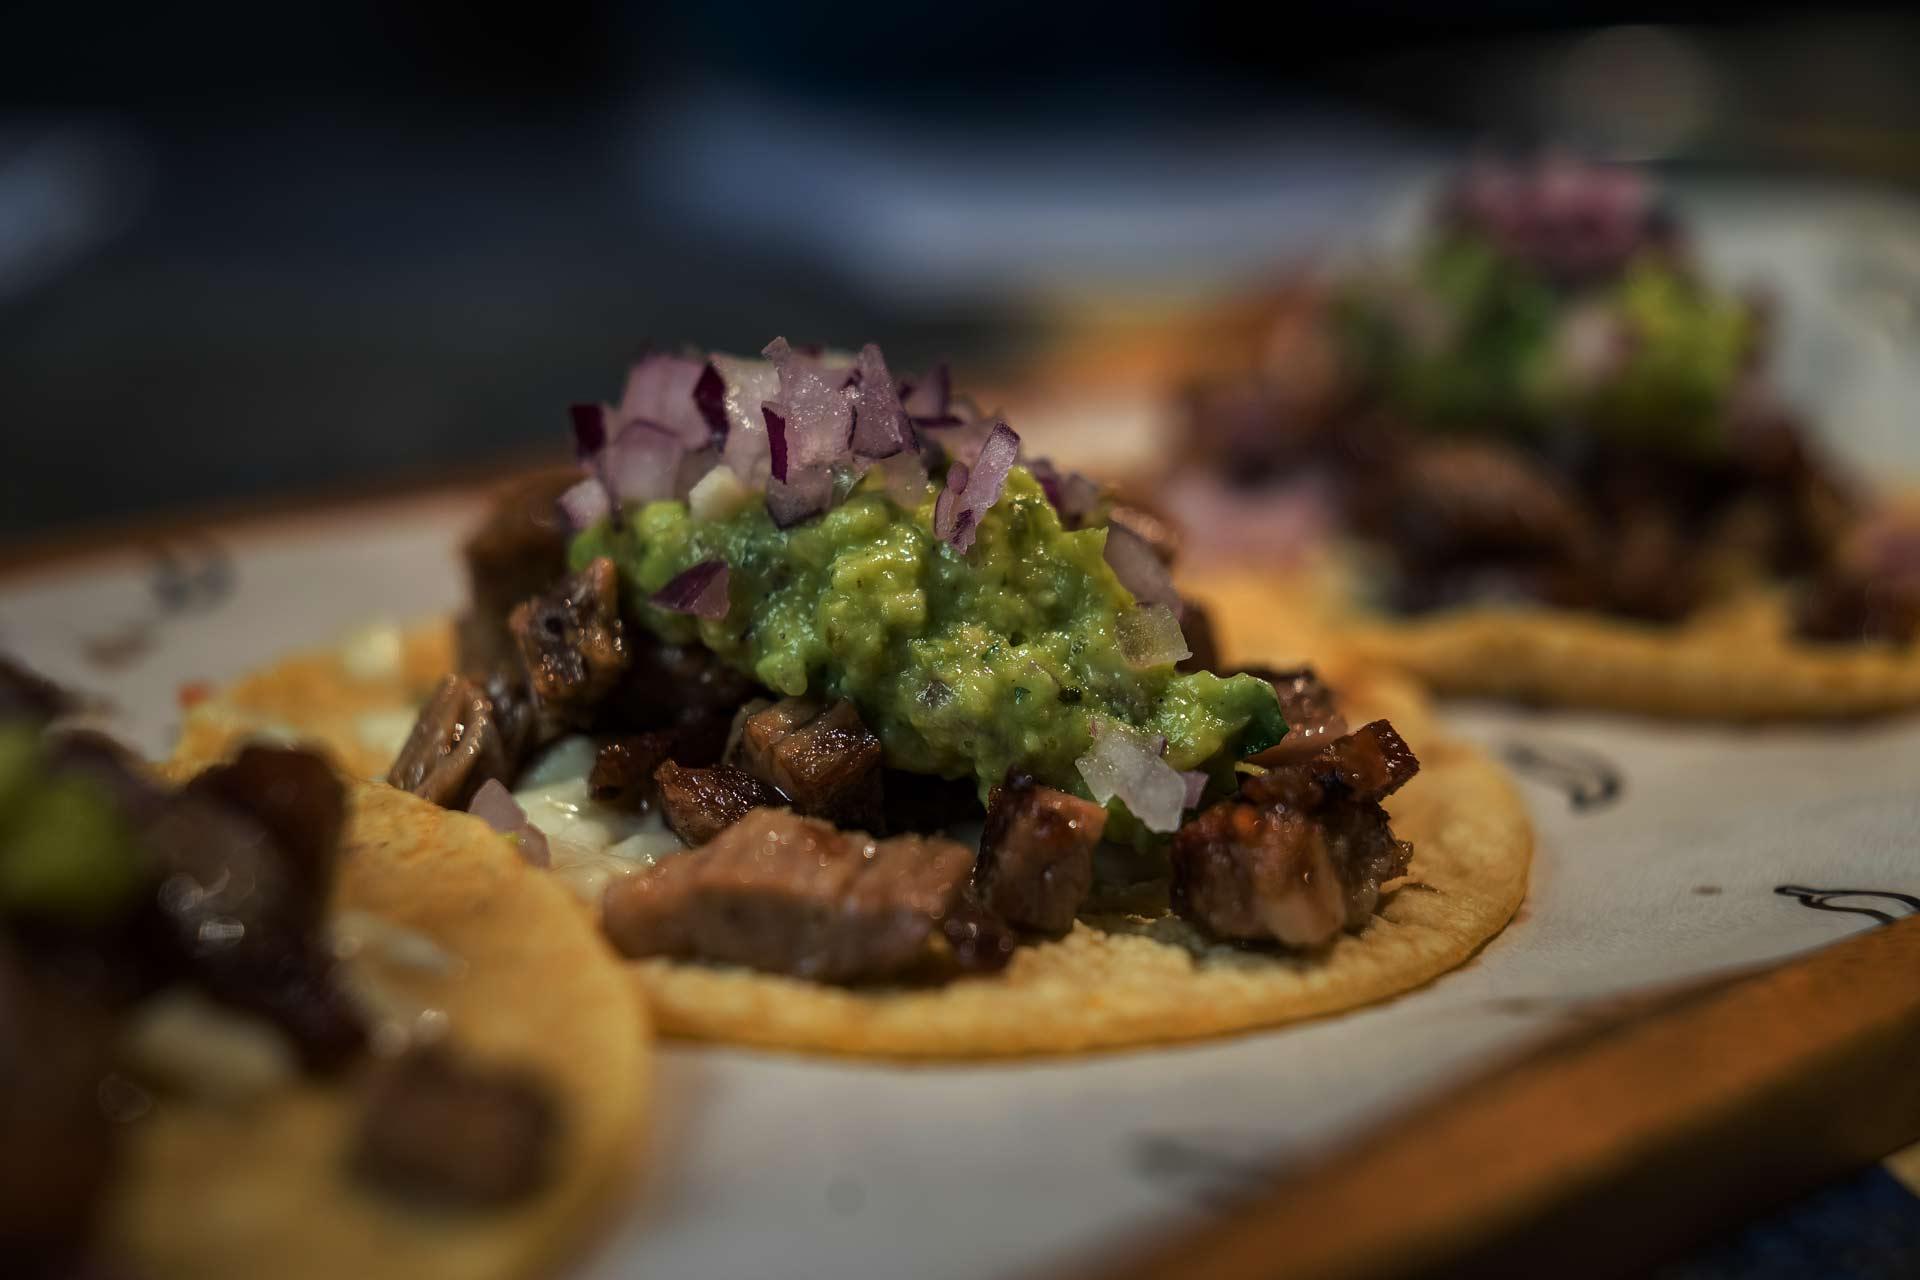 ¡Margarita nos tiene loquitos! 😍 ¿Aún no la conoces? ✨ Preparamos este riquísimo y refrescante cóctel al momento para que disfrutes de su sabor, ¡y del arte de nuestro bartender! 🍸 Te esperamos detrás de la barra 😏. . . . #maweytacobar #mexicanfood#comidamexicana #restaurantemexicano #restaurantesmadrid #taquería #tacosdeautor #cocktail #margarita